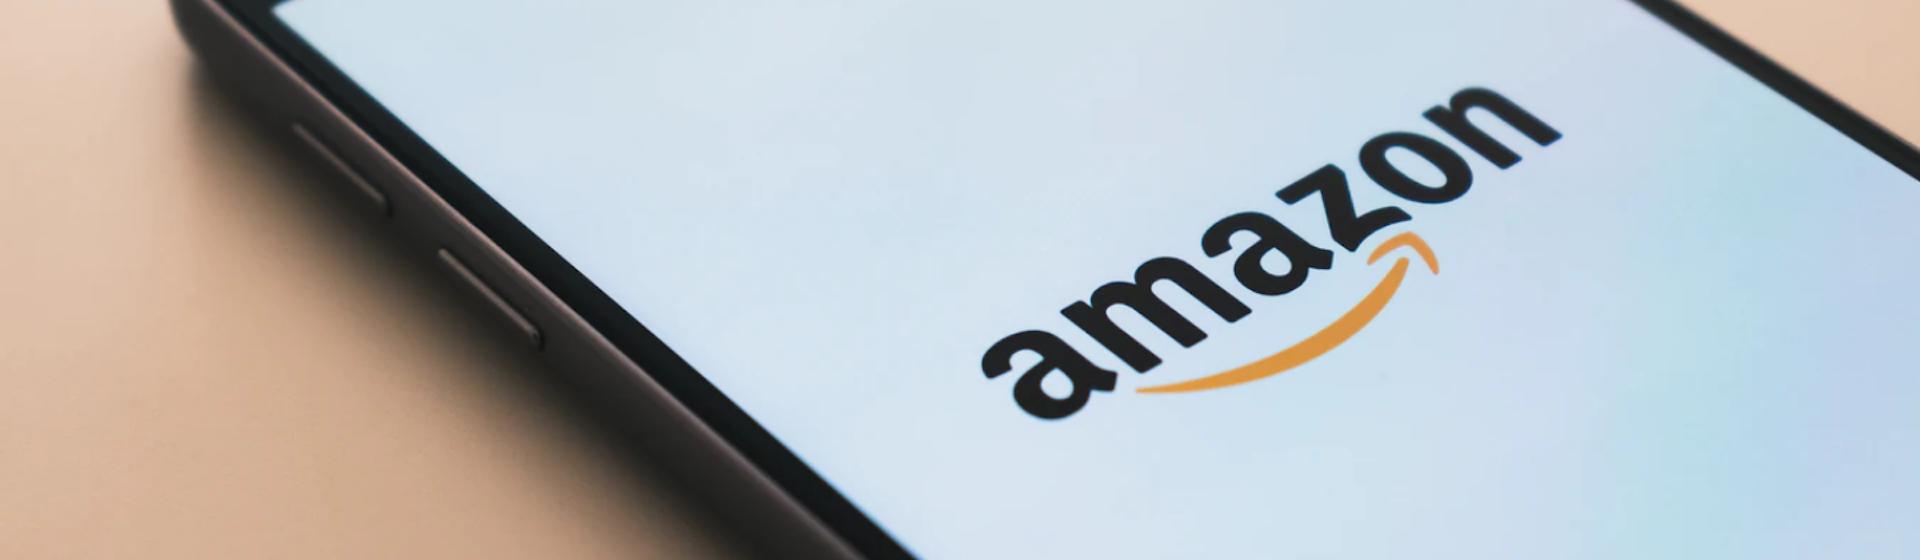 Caso de éxito de Amazon y Big Data: el comportamiento de compra bajo la lupa